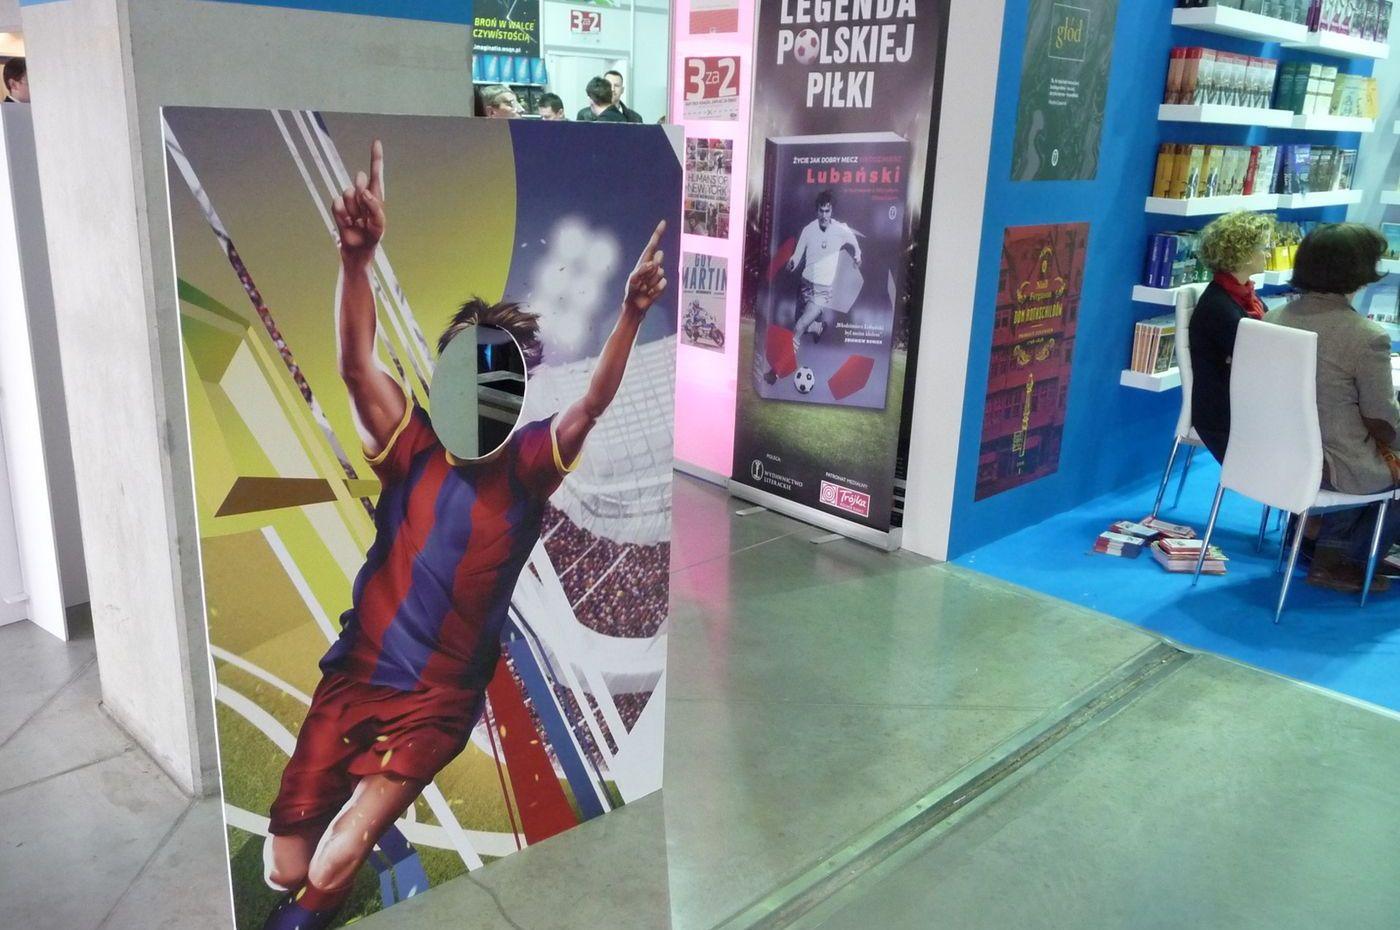 Návštěvníci veletrhu se mohli nechat vyfotit se svou tváří vloženou do maket slavných fotbalistů